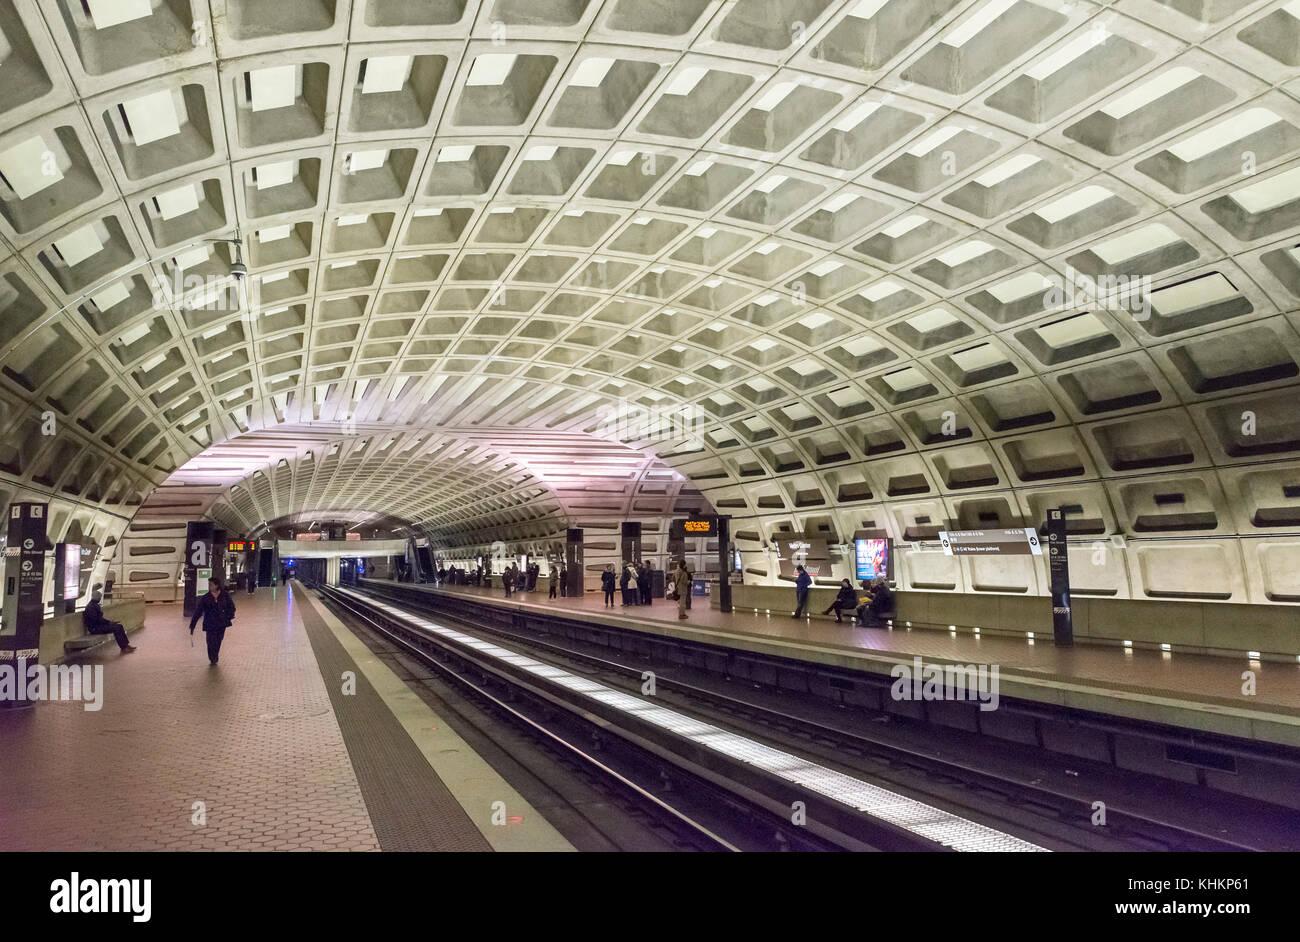 Metro Center subway station, Washington DC, USA - Stock Image